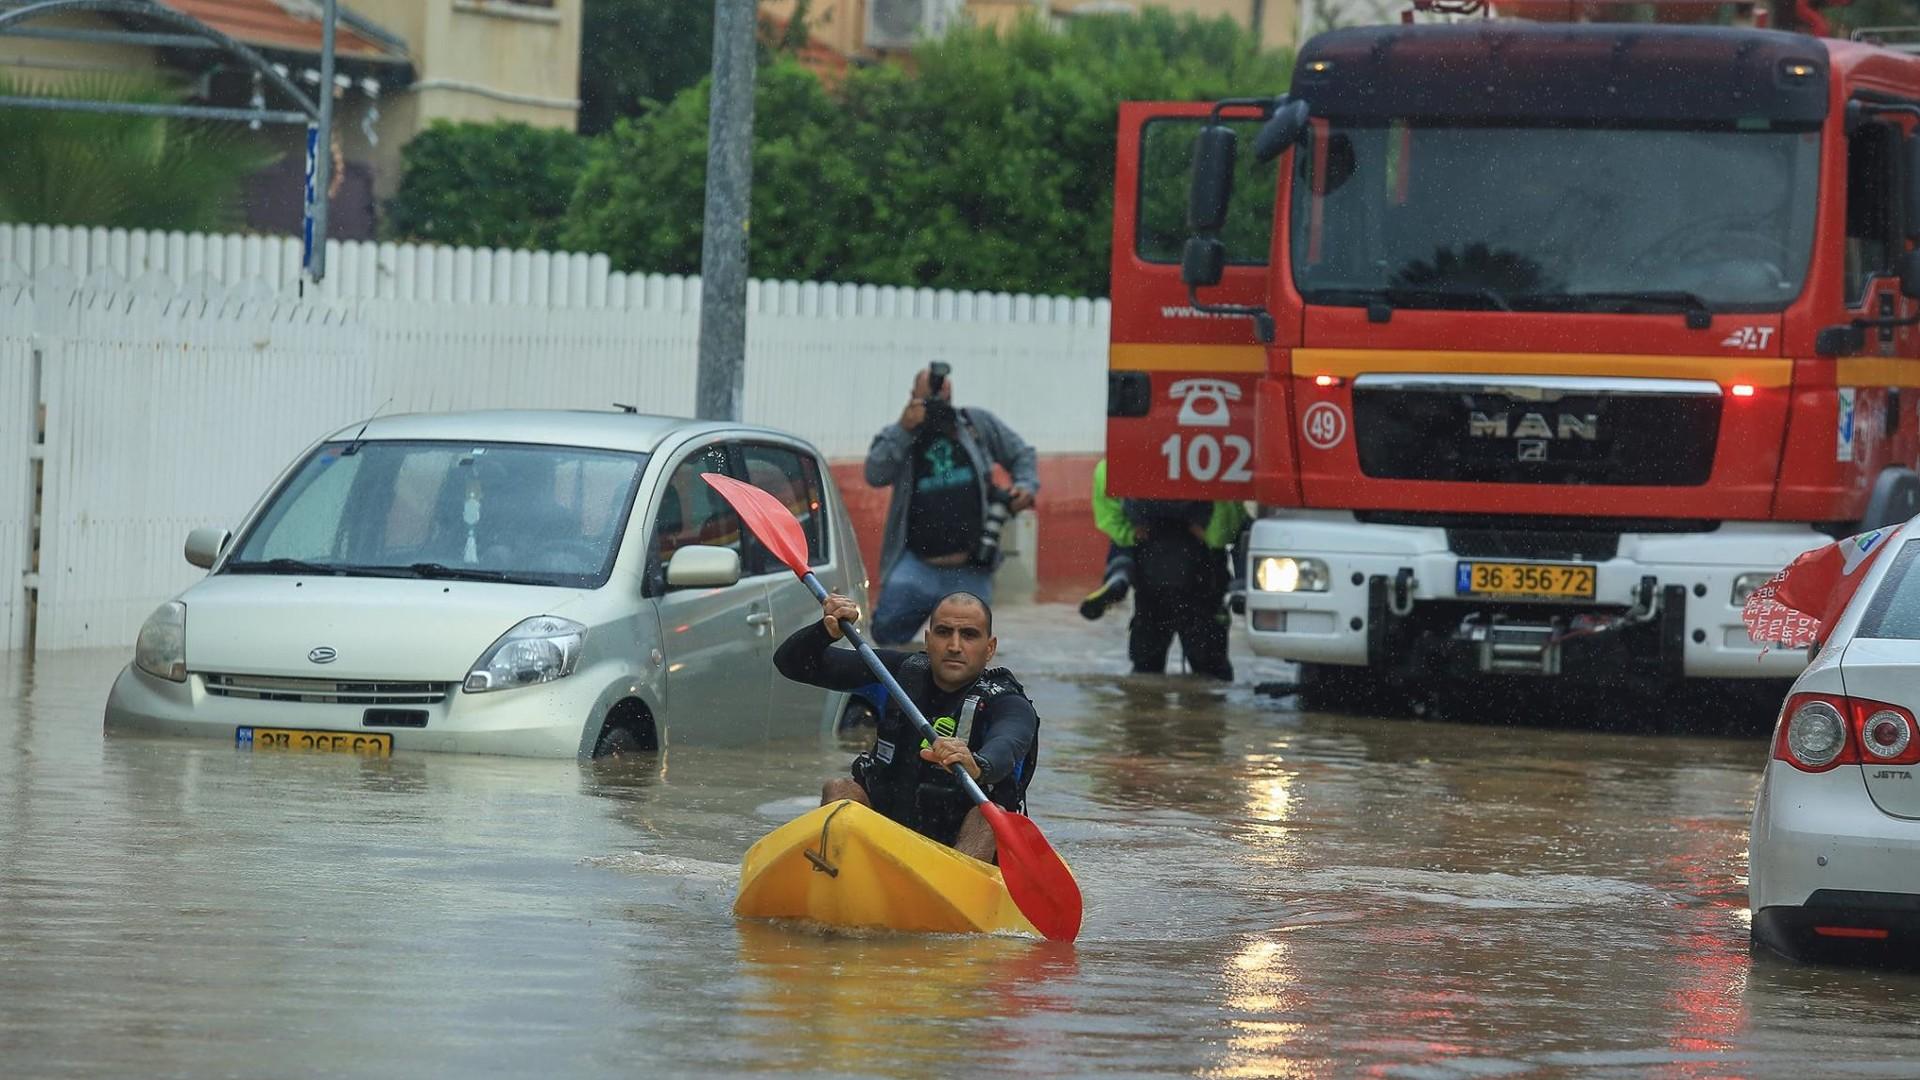 Сильные наводнения обрушились на Израиль после одного из самых дождливых дней в истории страны  - фото 10